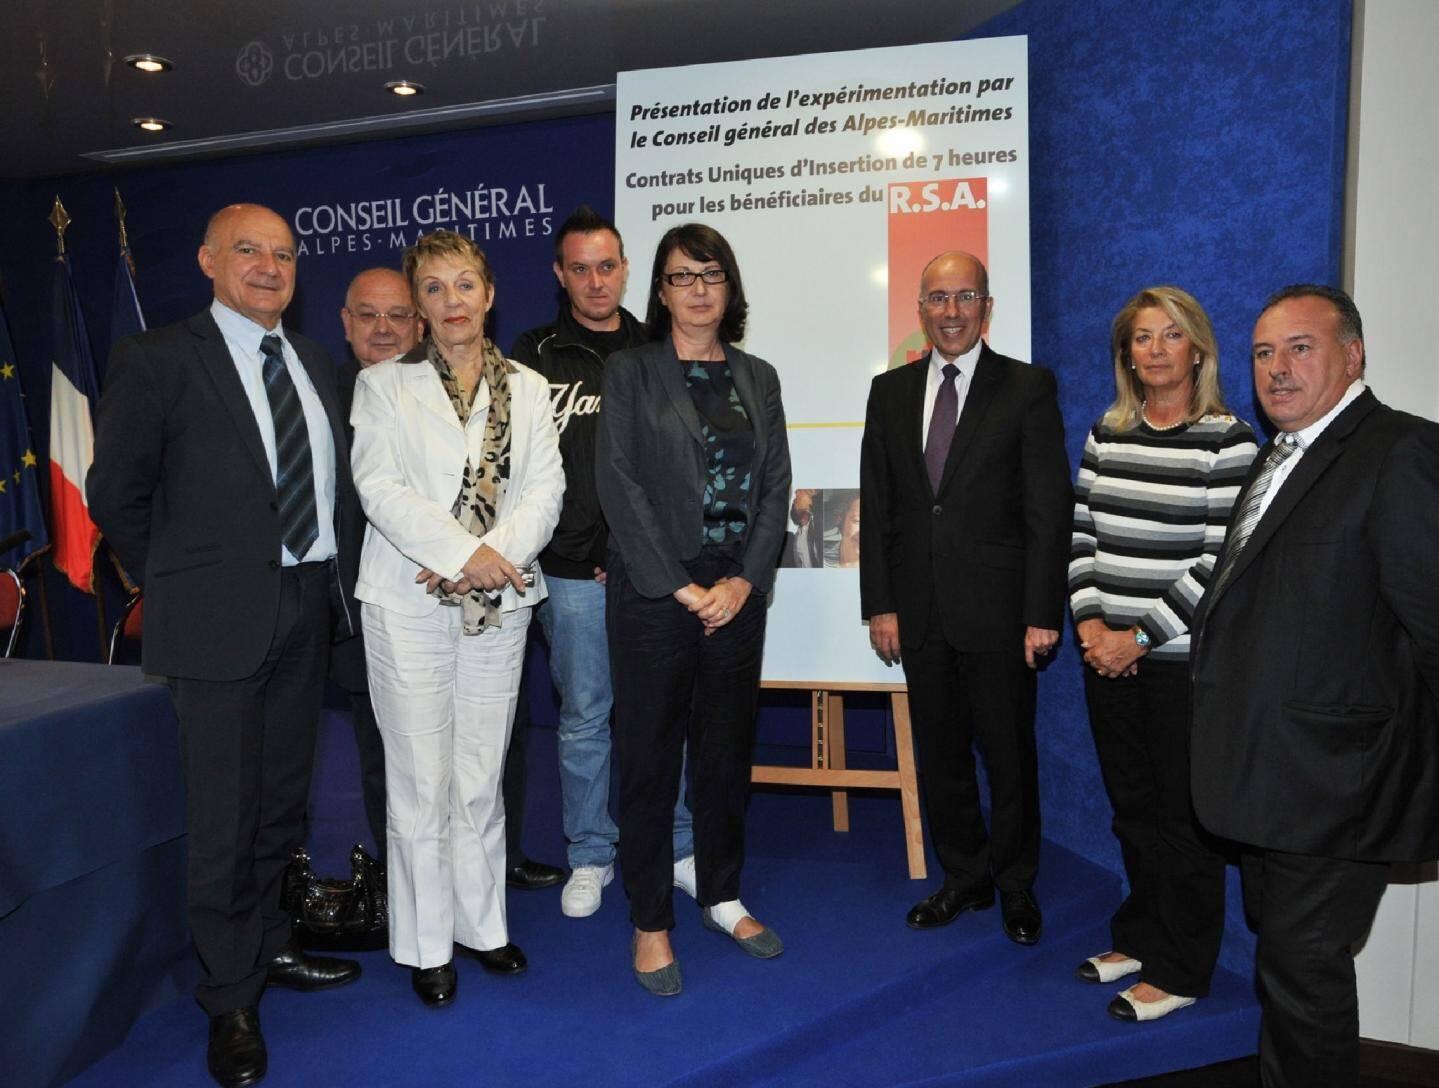 Eric Ciotti, président du conseil général et Françoise Buffet, directrice régionale du travail ont présenté ce nouveau dispositif.(Photos Richard Ray)